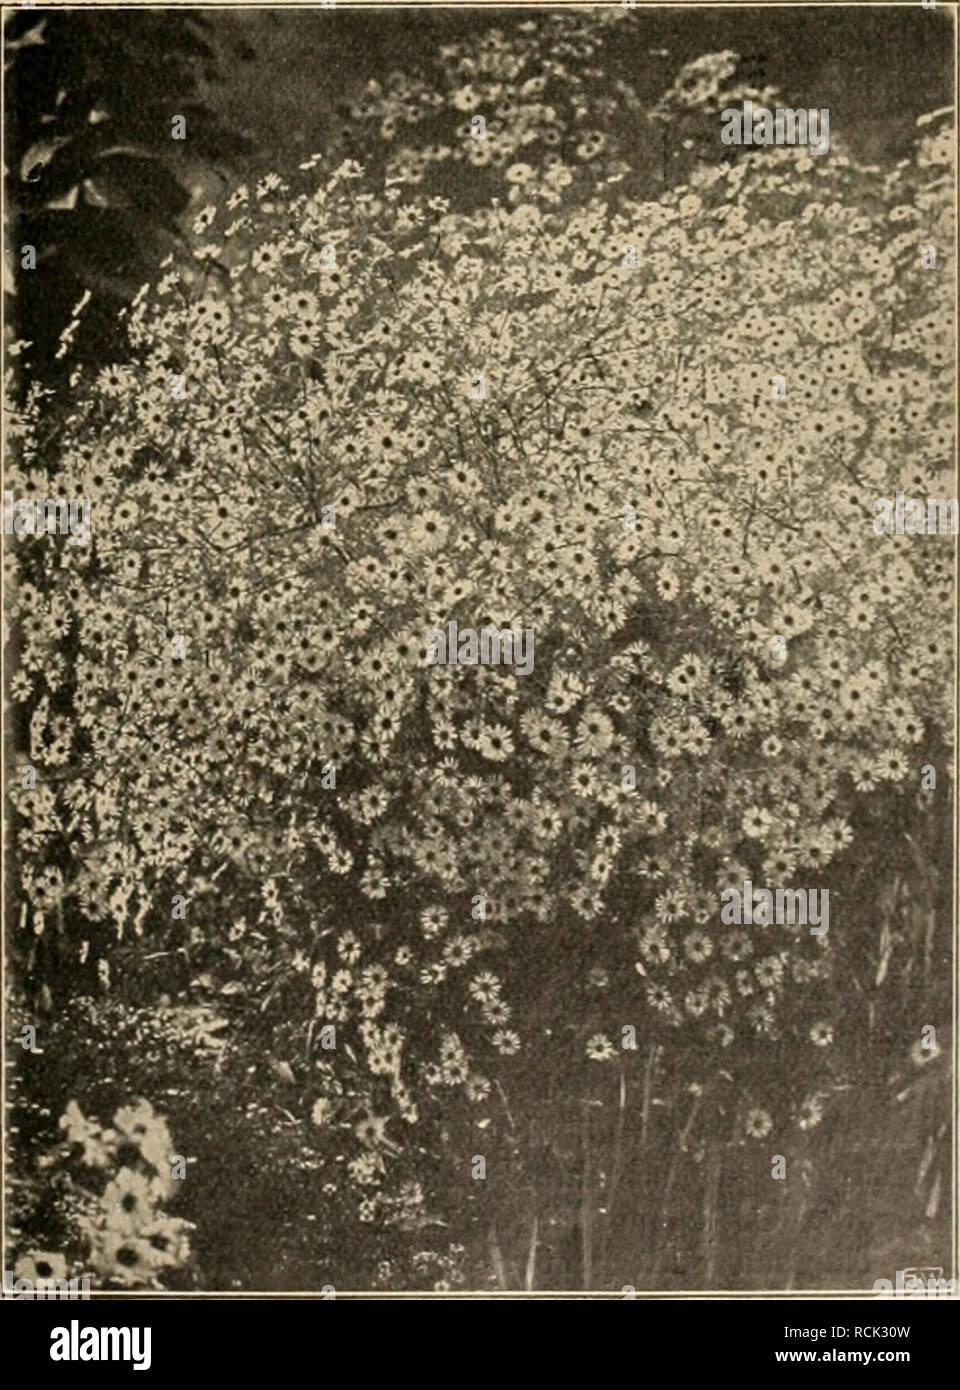 """. Die Gartenwelt. Gardening. Aster Novae Angliae Treasure (Text Seite 653). Vom Verfasser für die """"Gartenwelt"""" photographisch aufgenommeD. späteren nochmaligen Ausführungen, für welche er, für jeden Fall, nochmalige Bezahlung zu fordern berechtigt ist.*) In alledem steht ihm das Urheberschutzgesetz voll zur Seite (? des Herausgebers). Der Prinzipal erwirbt mit der Gehaltszahlung nur das Recht, vom Angestellten zu verlangen, daß er die erforder- lichen Zeich nungen liefert und im übrigen pünktlich und gewissenhaft während der Dienststunden die Interessen der Firma inner- und außerhalb des  Stock Photo"""